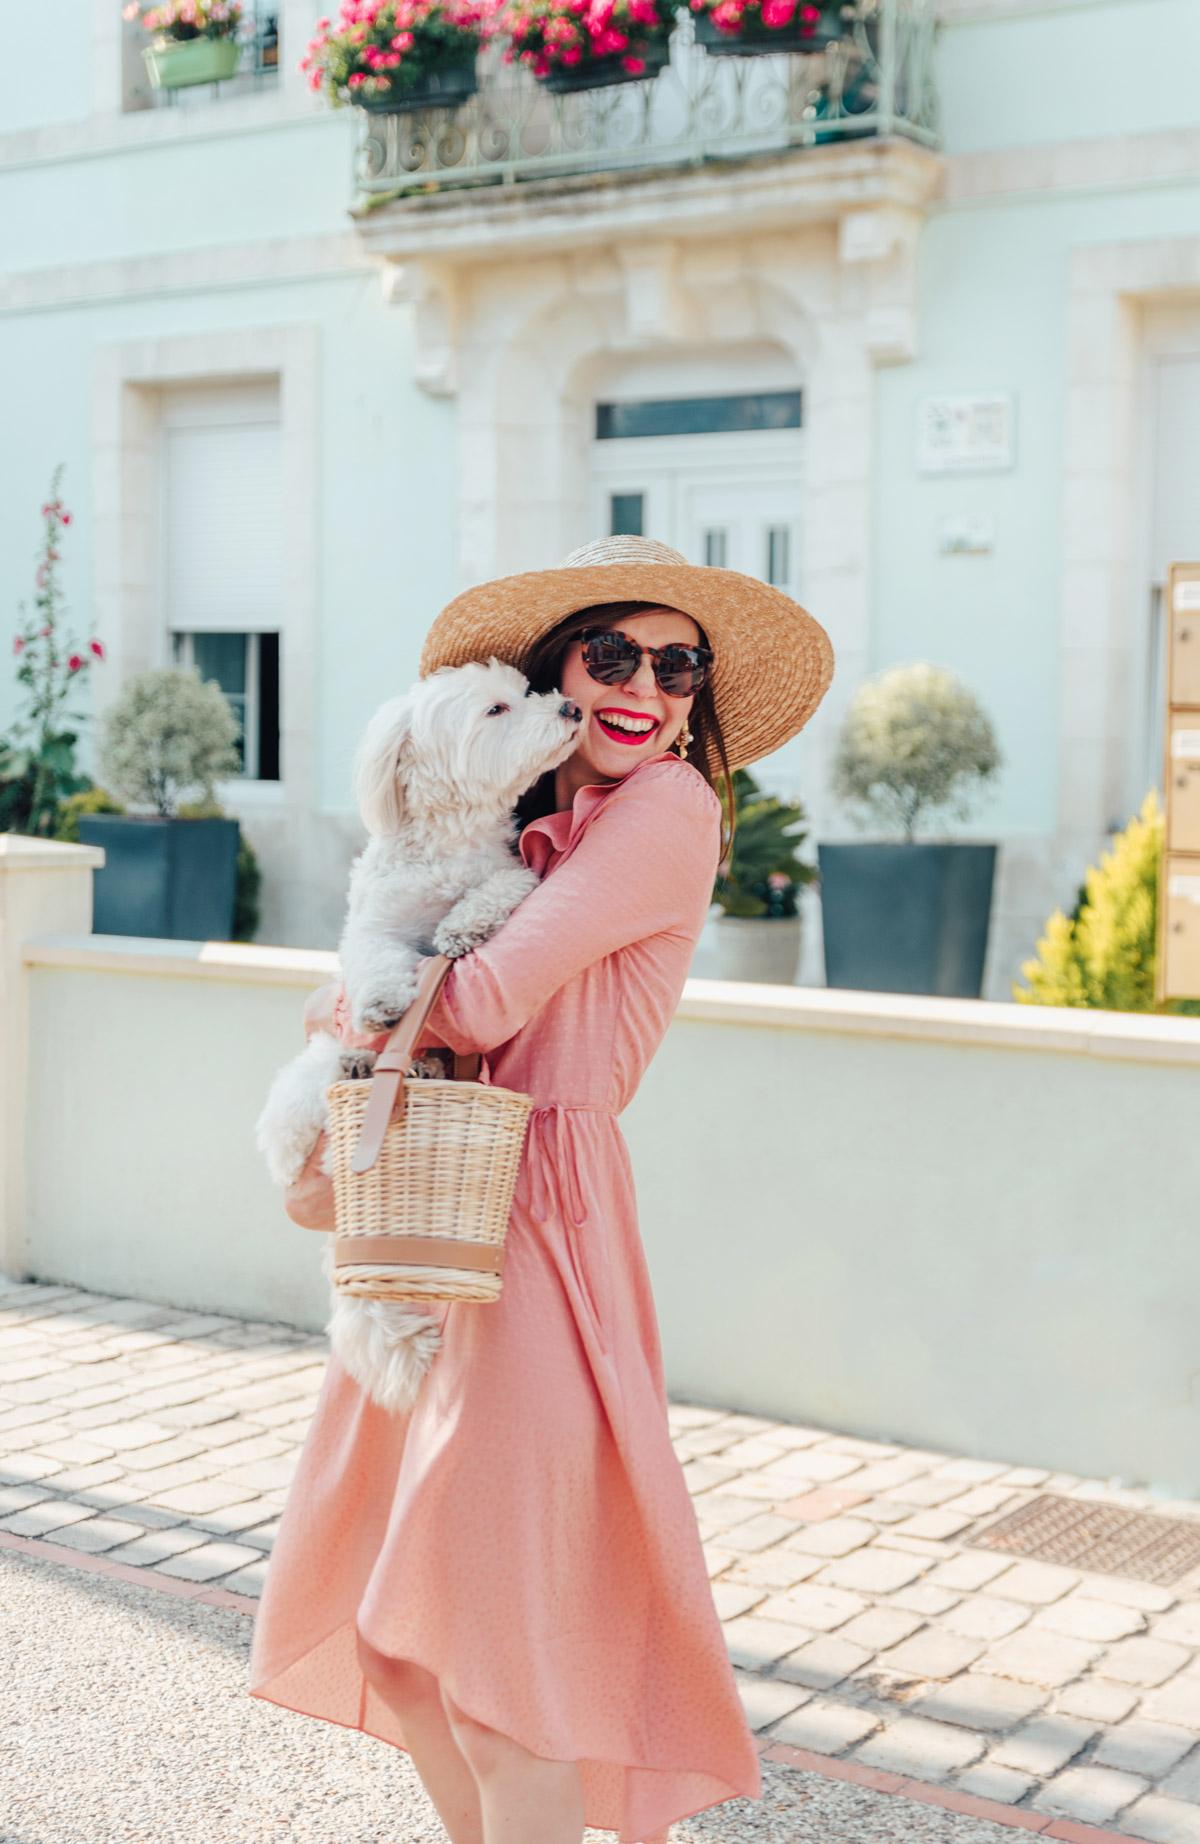 5e19c649ab46b La robe parfaite pour les soirées d'été — Mode and The City